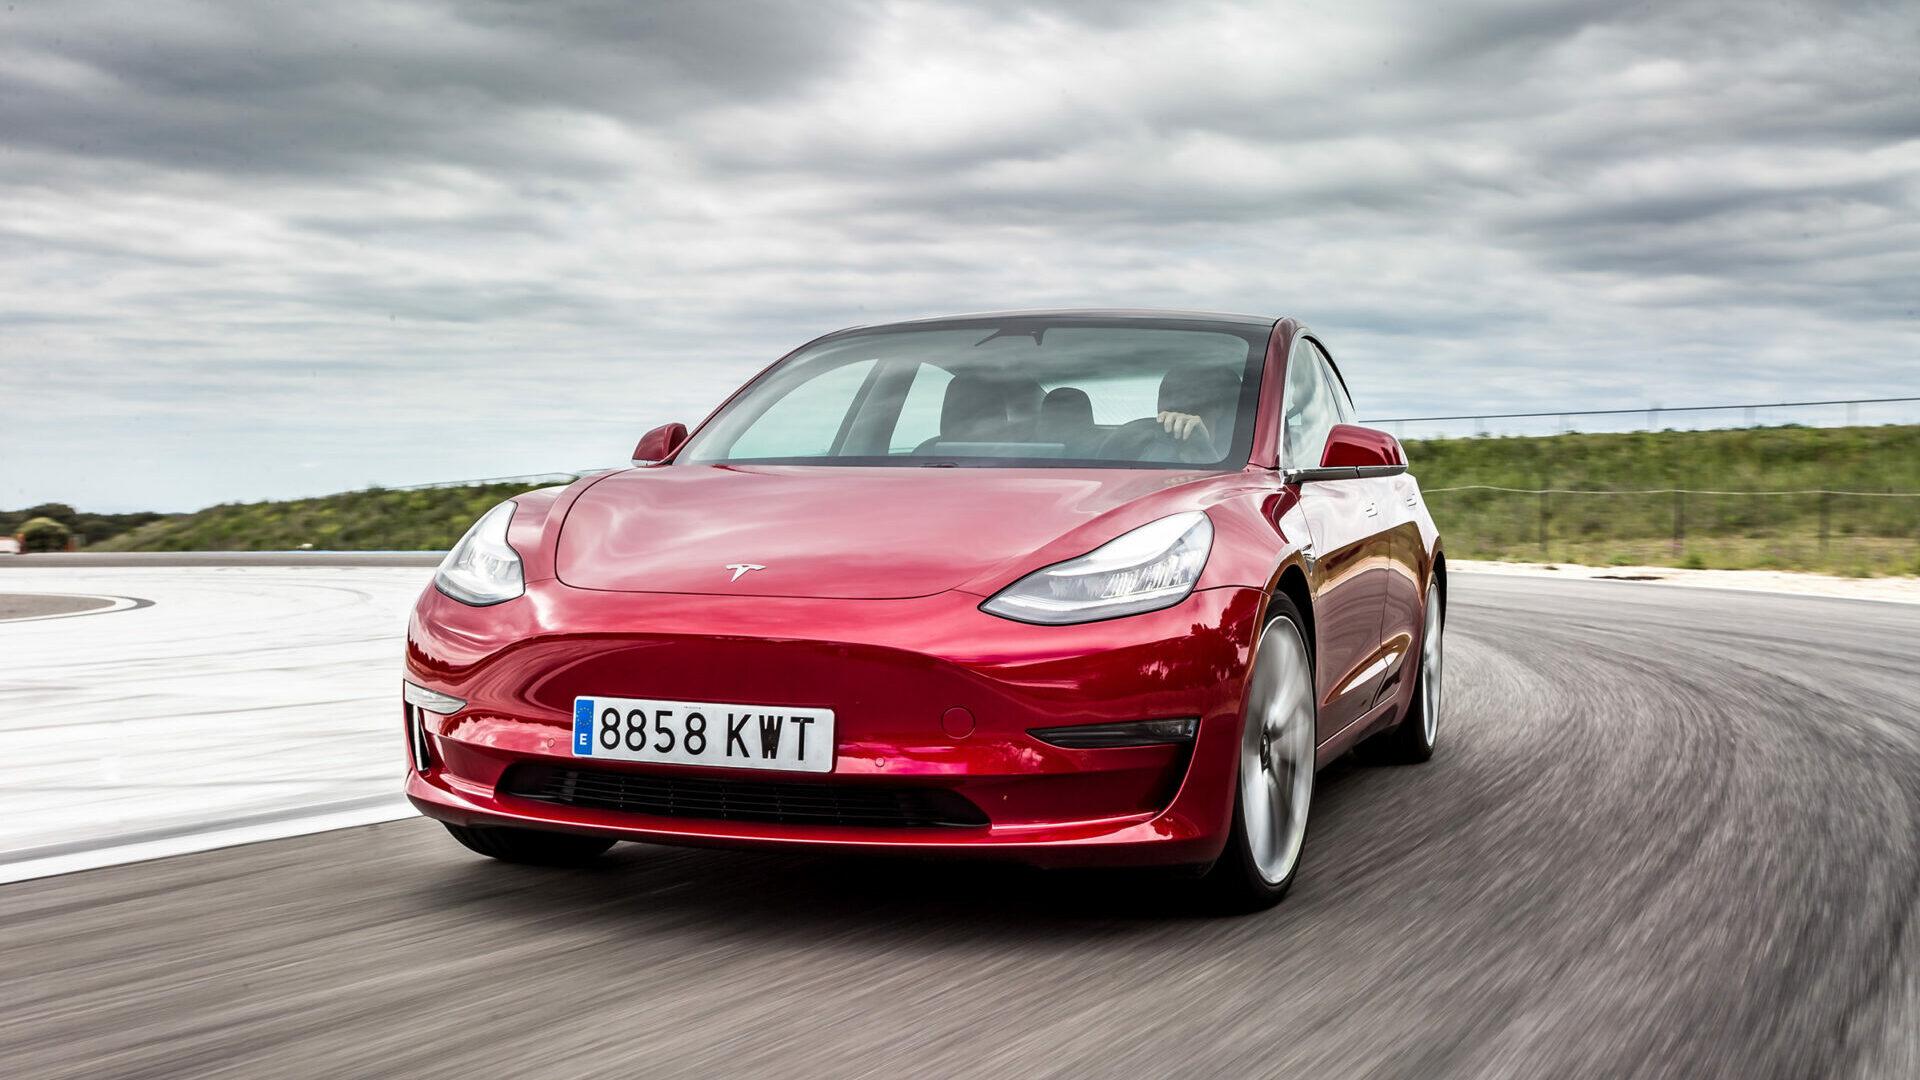 Con Tesla a la cabeza, los coches eléctricos ya son una cuestión del presente